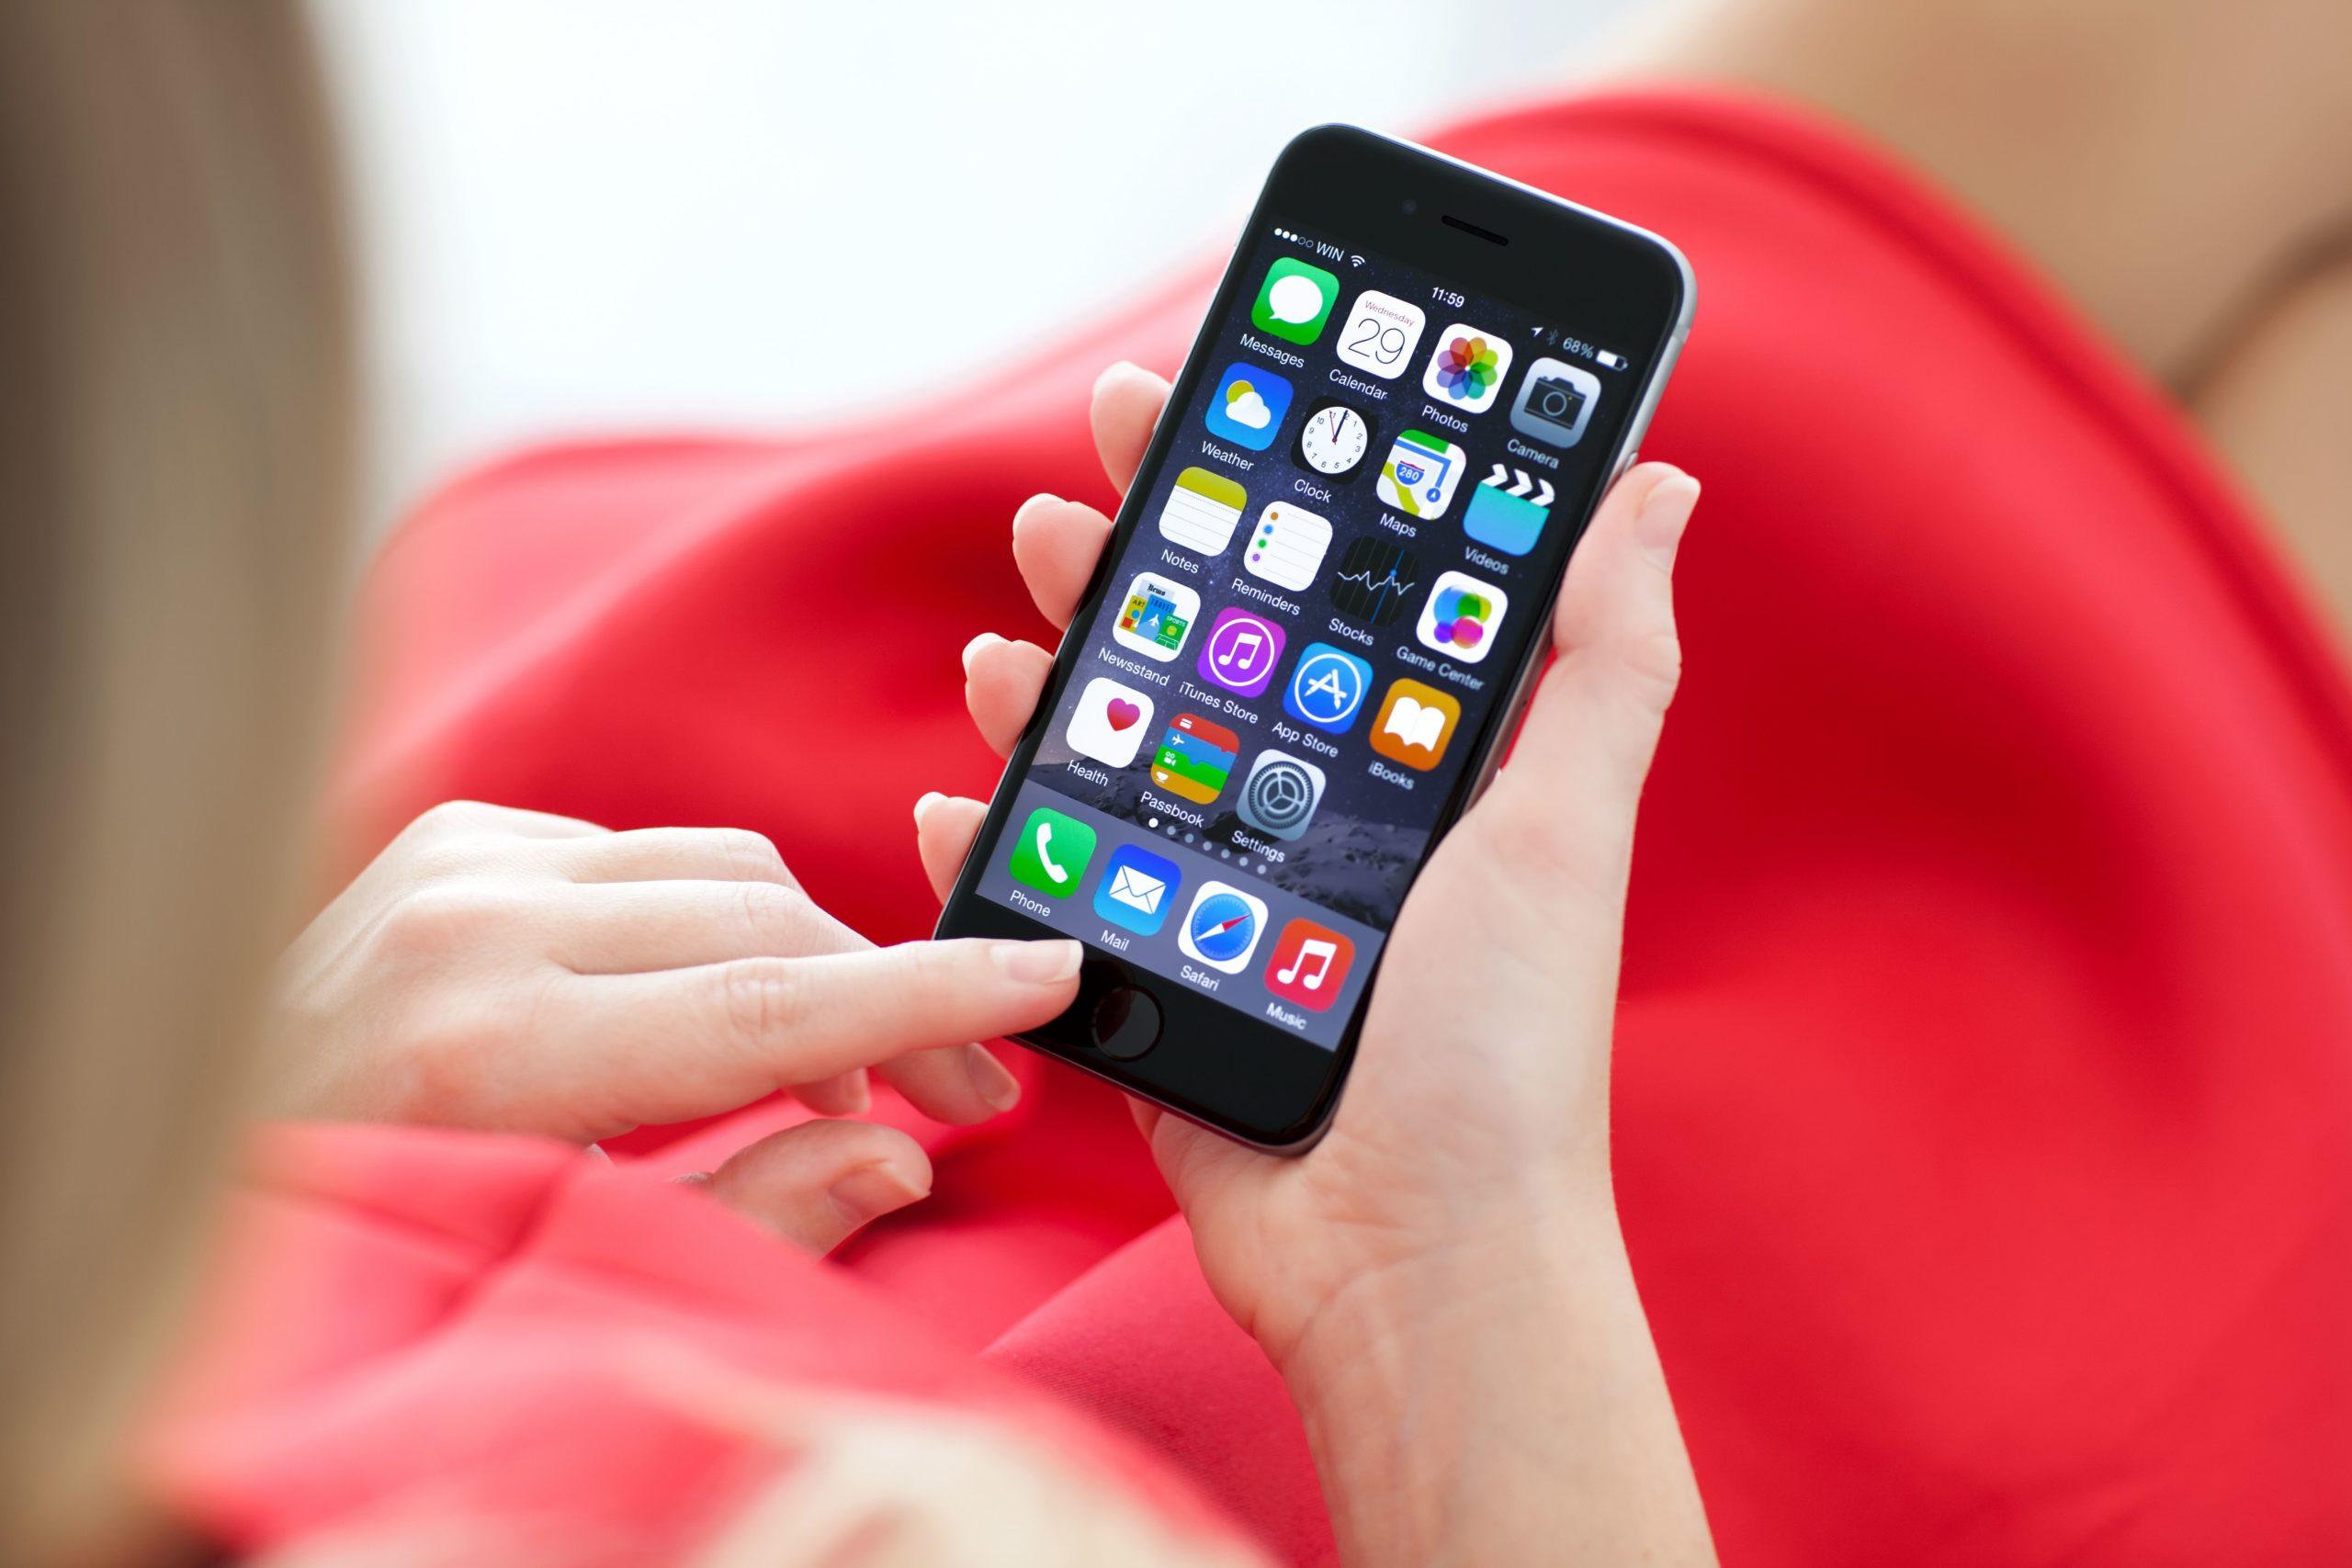 Как восстановить удаленные сообщения в телефоне - порядок действий